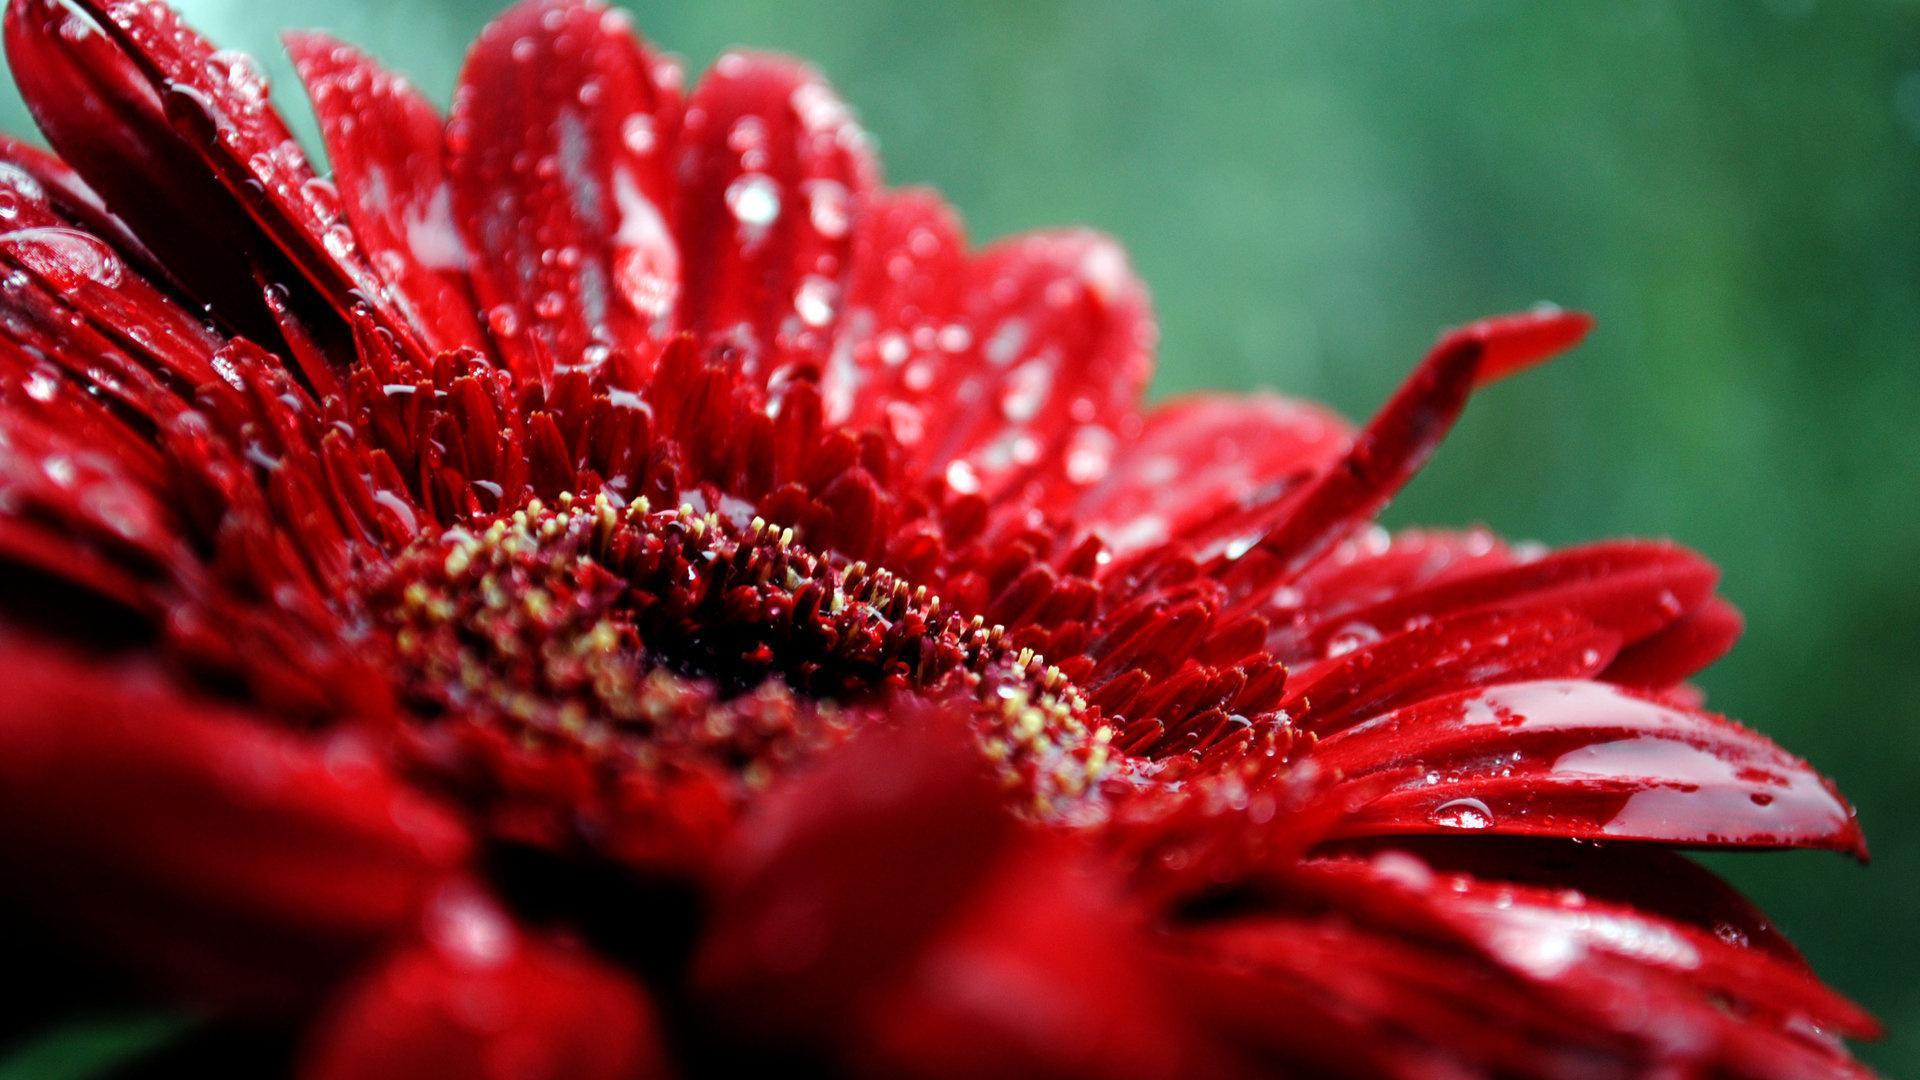 35567 скачать обои Растения, Цветы - заставки и картинки бесплатно